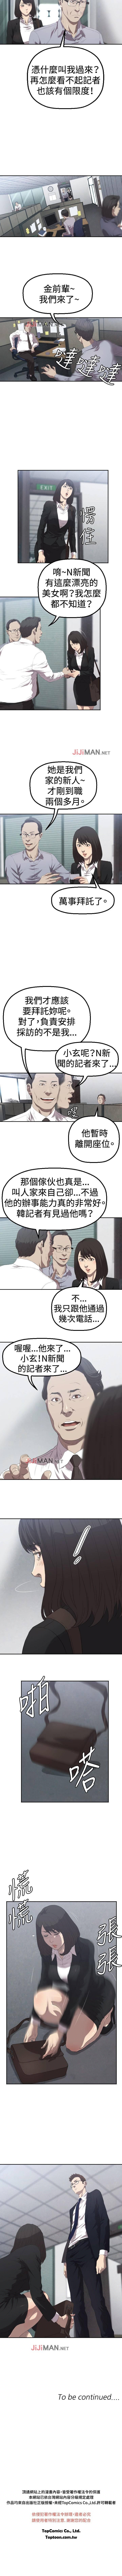 【已完结】索多玛俱乐部(作者:何藝媛&庫奈尼) 第1~32话 9